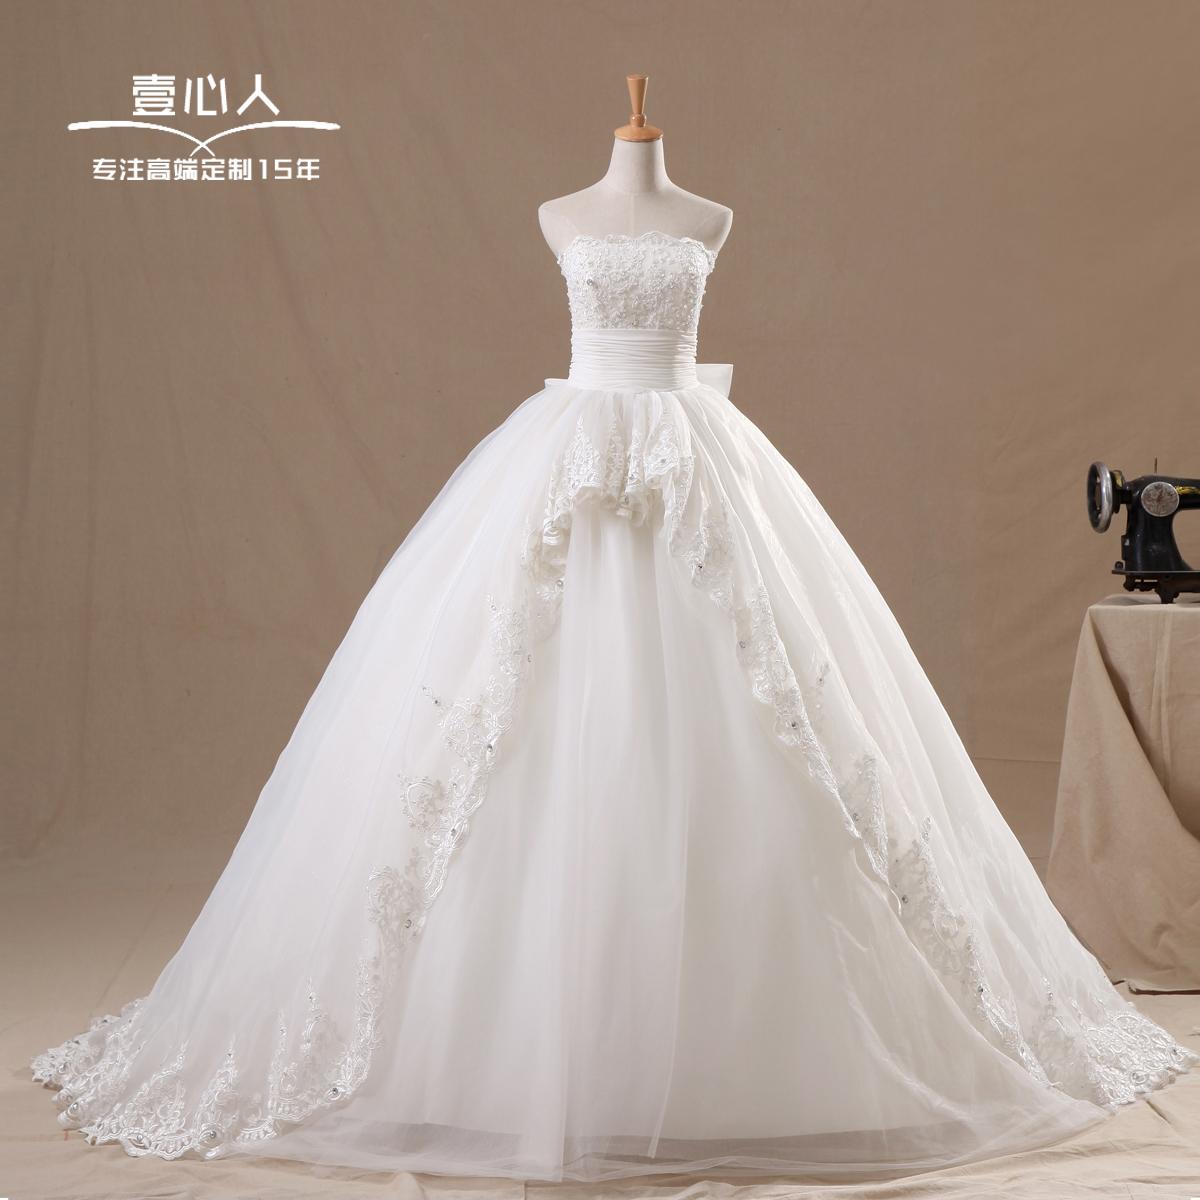 Photoes reais 2013 novo luxo chegada trem REAL vestido de casamento da noiva bandagem vestido de noiva vestidos de noiva(China (Mainland))